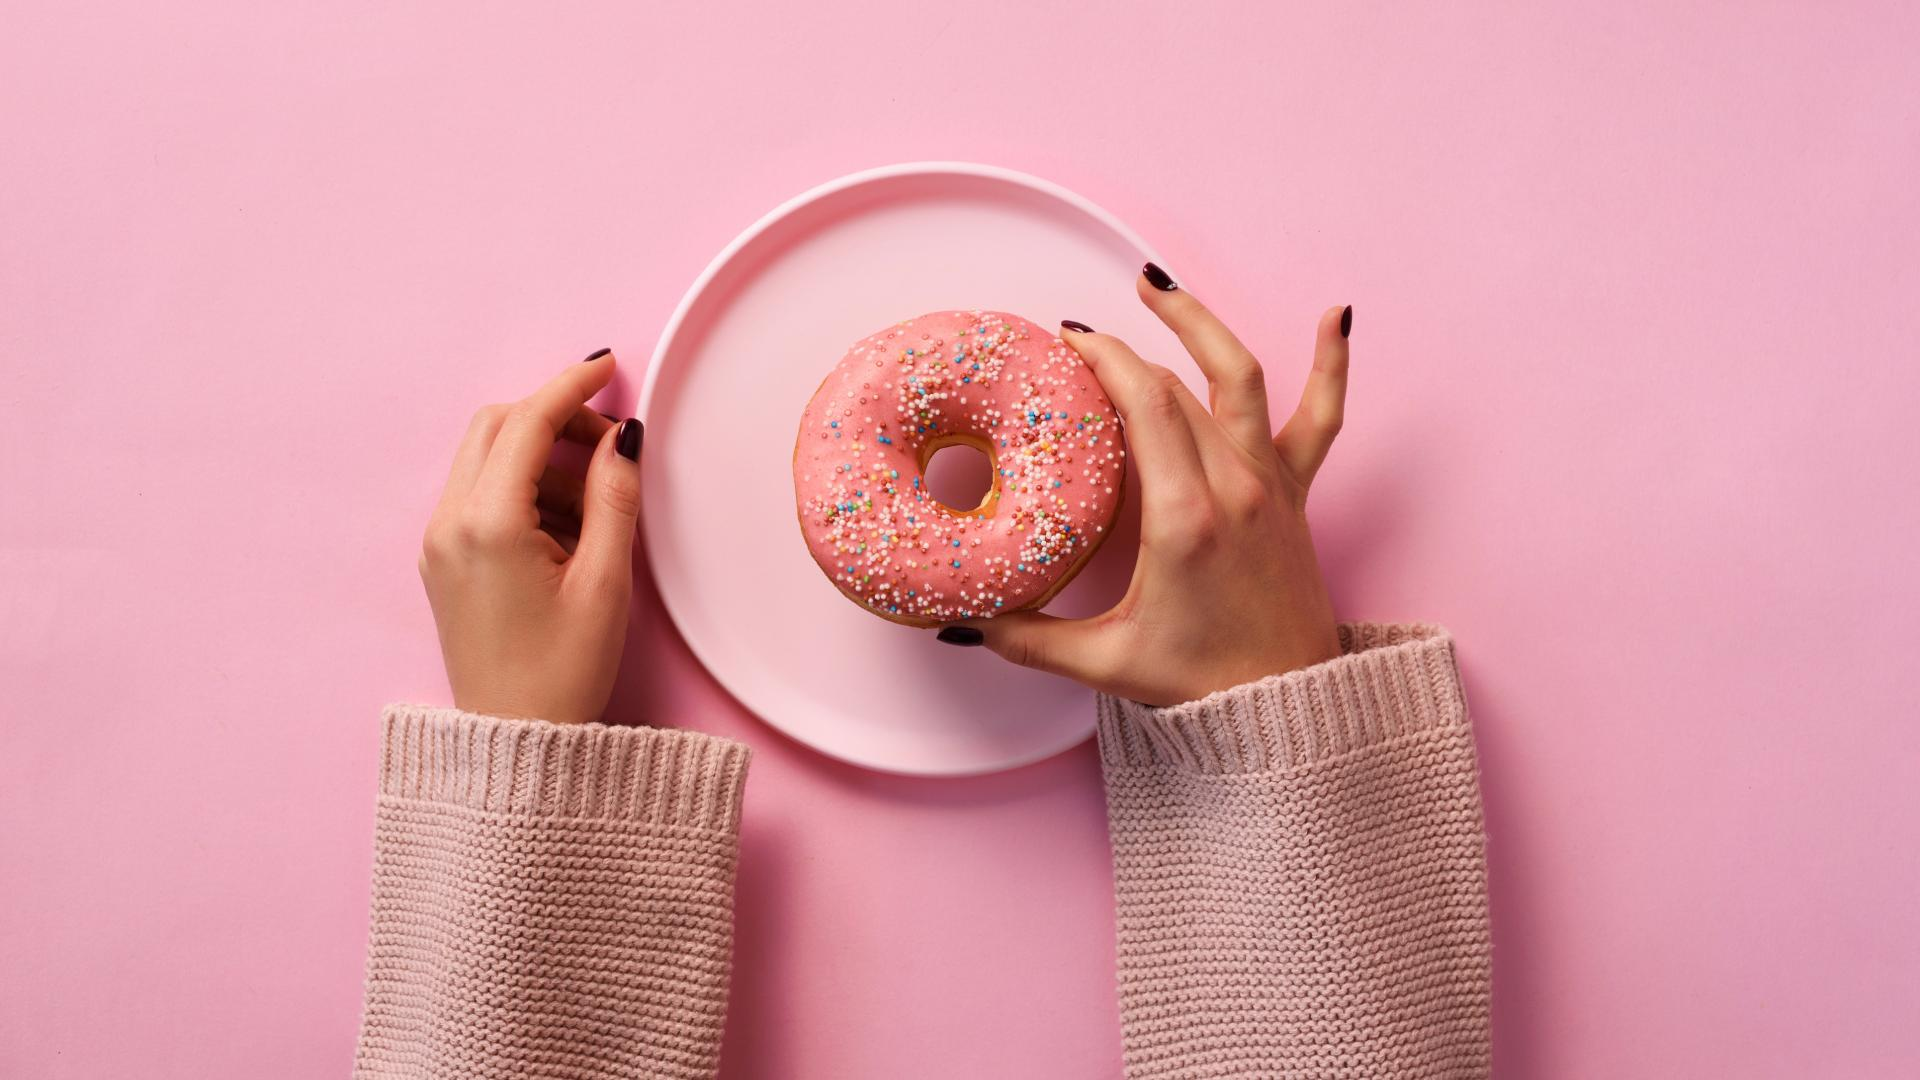 Hände Donut